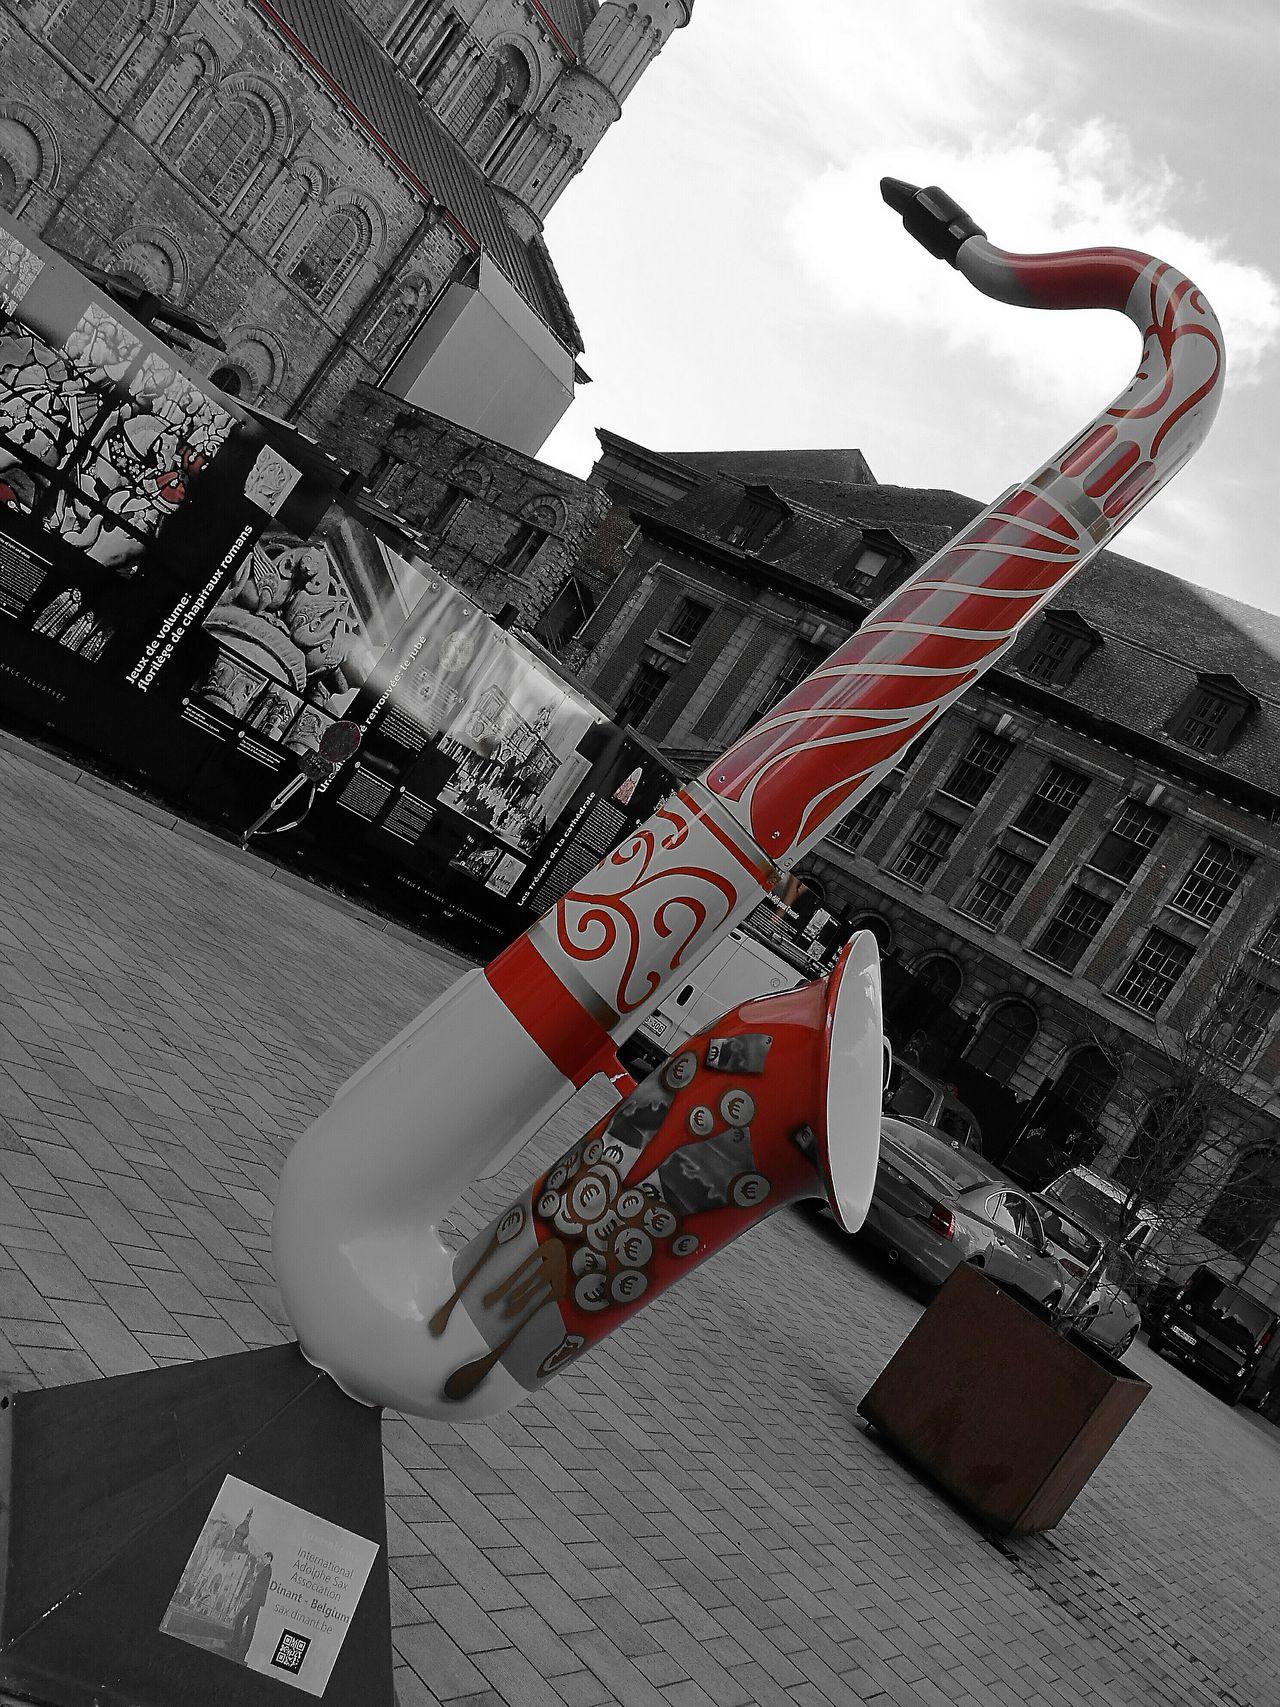 Jazz Tournai Jazz Music Jazzfestival Street Streetphotography